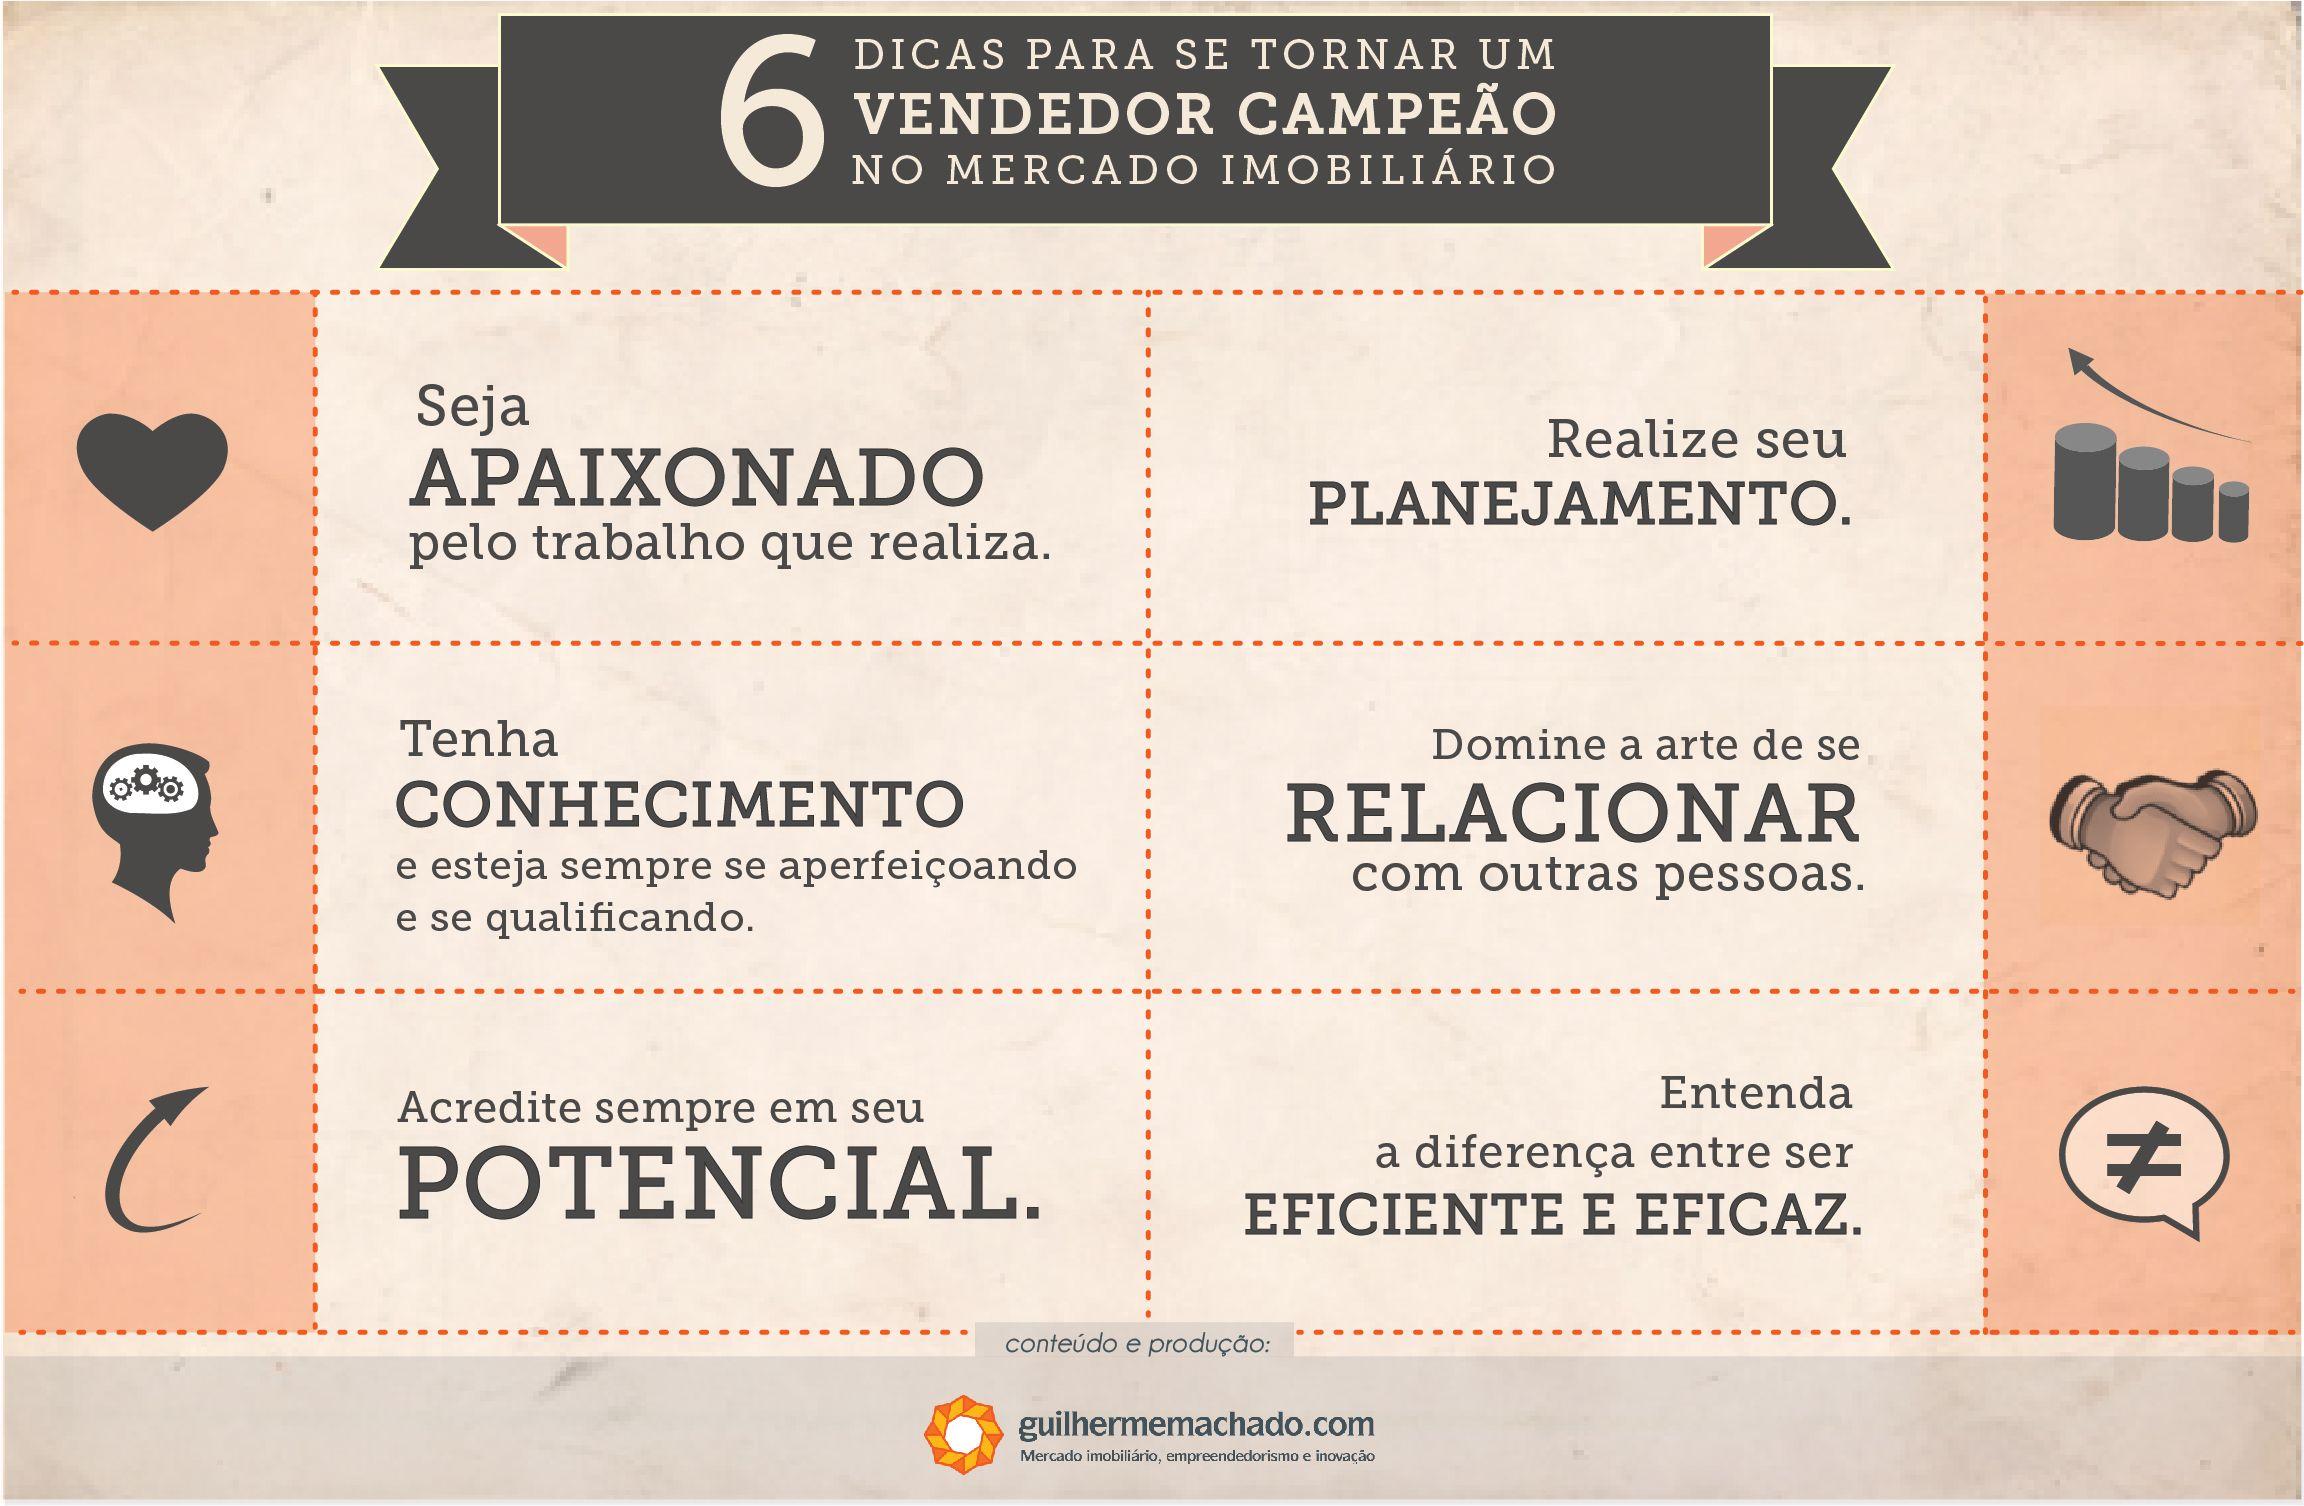 Infográfico com 6 dicas para se tornar um vendedor campeão no #mercadoimobiliario.